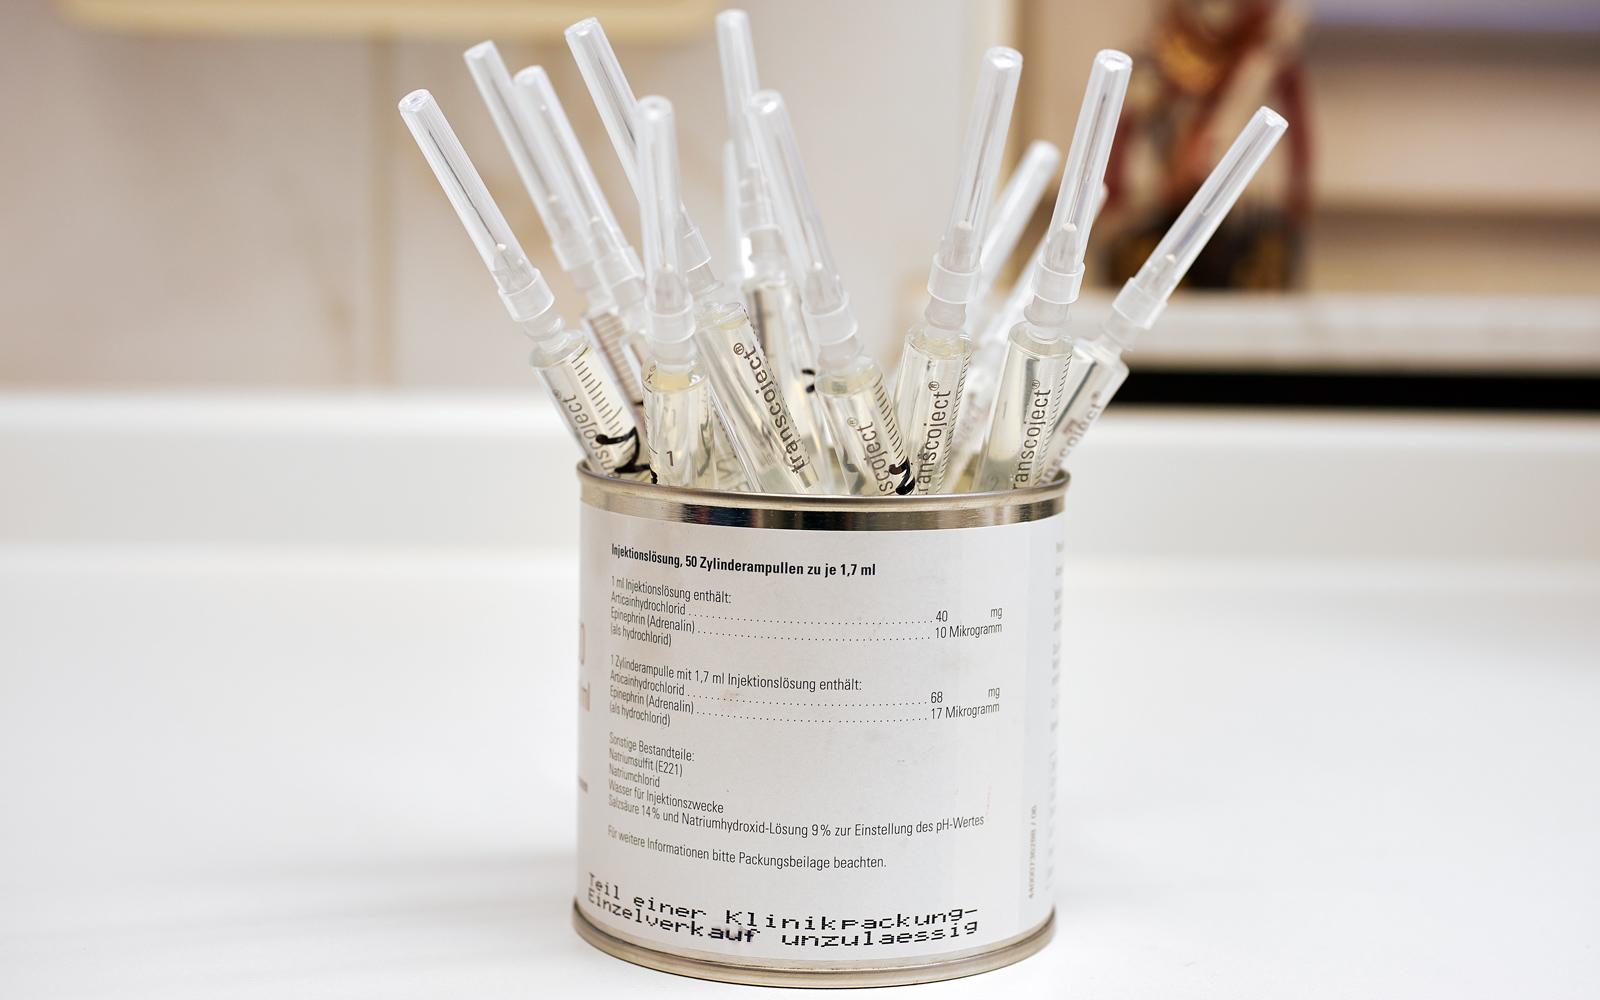 Das Zahnärztehaus Dr. Pleyer in Rosenheim sorgt dafür Ihre Behandlung möglichst schmerzfrei zu gestalten.